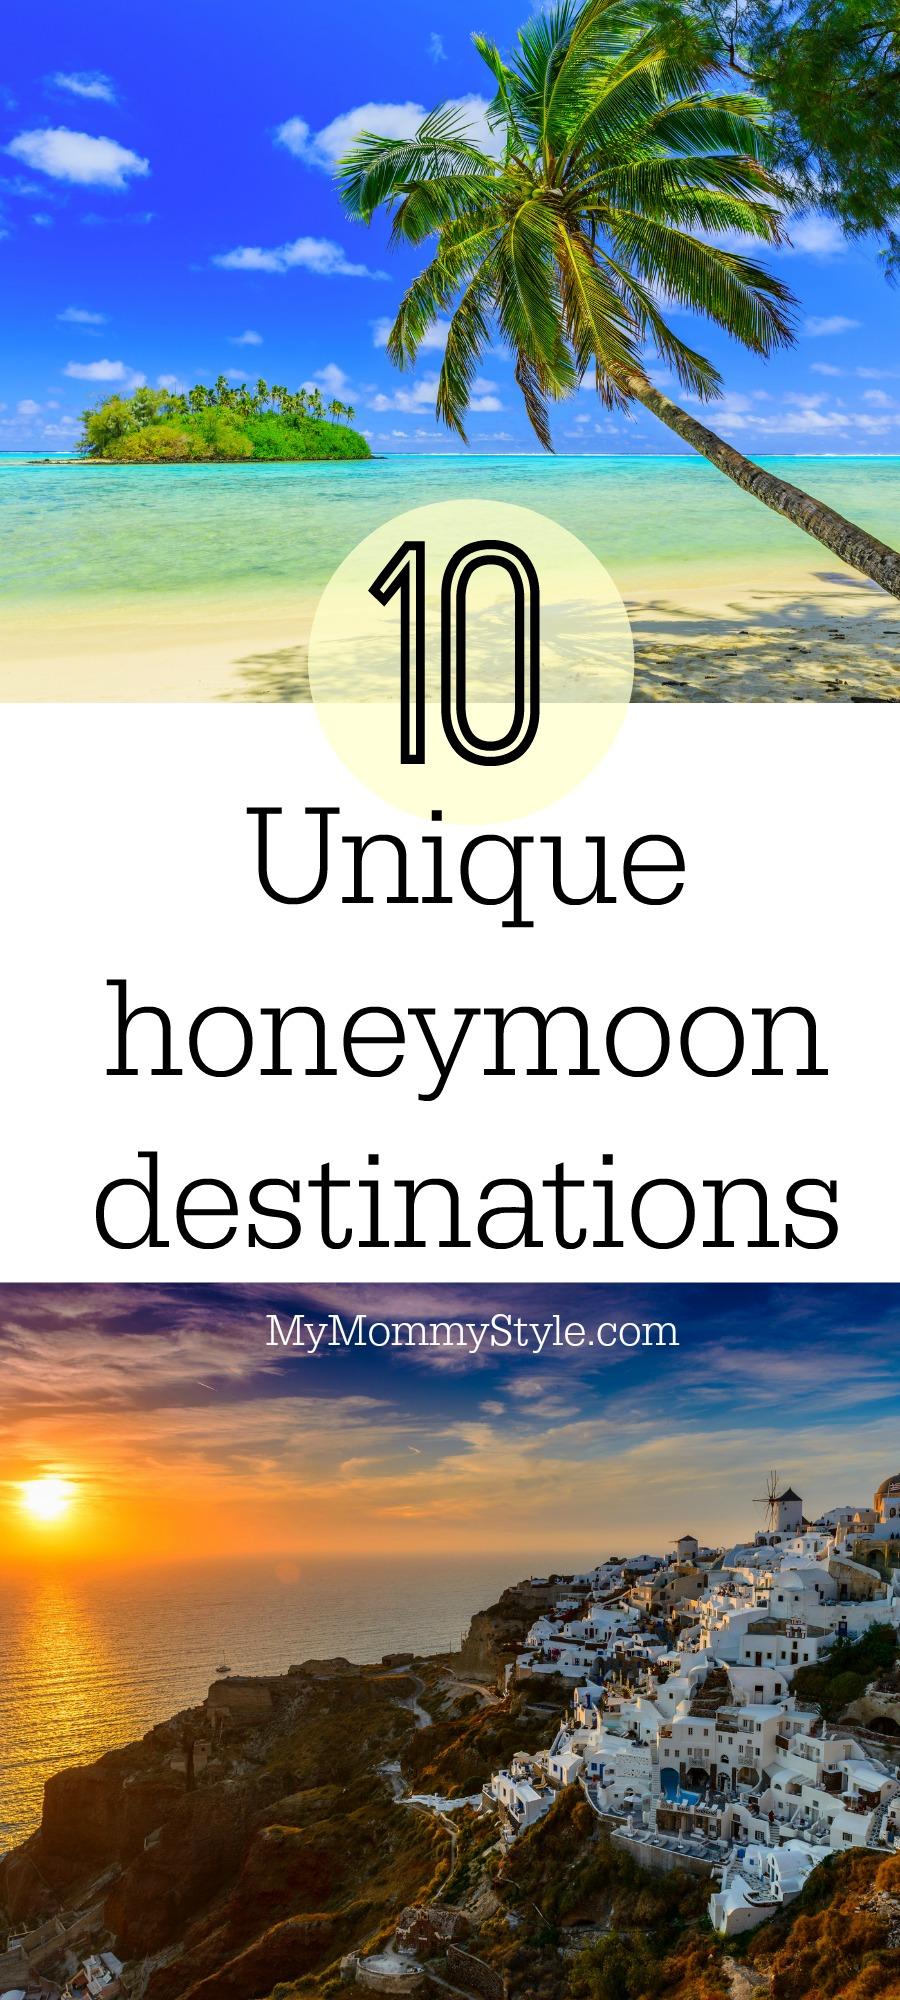 Unique Honeymoon Getaways